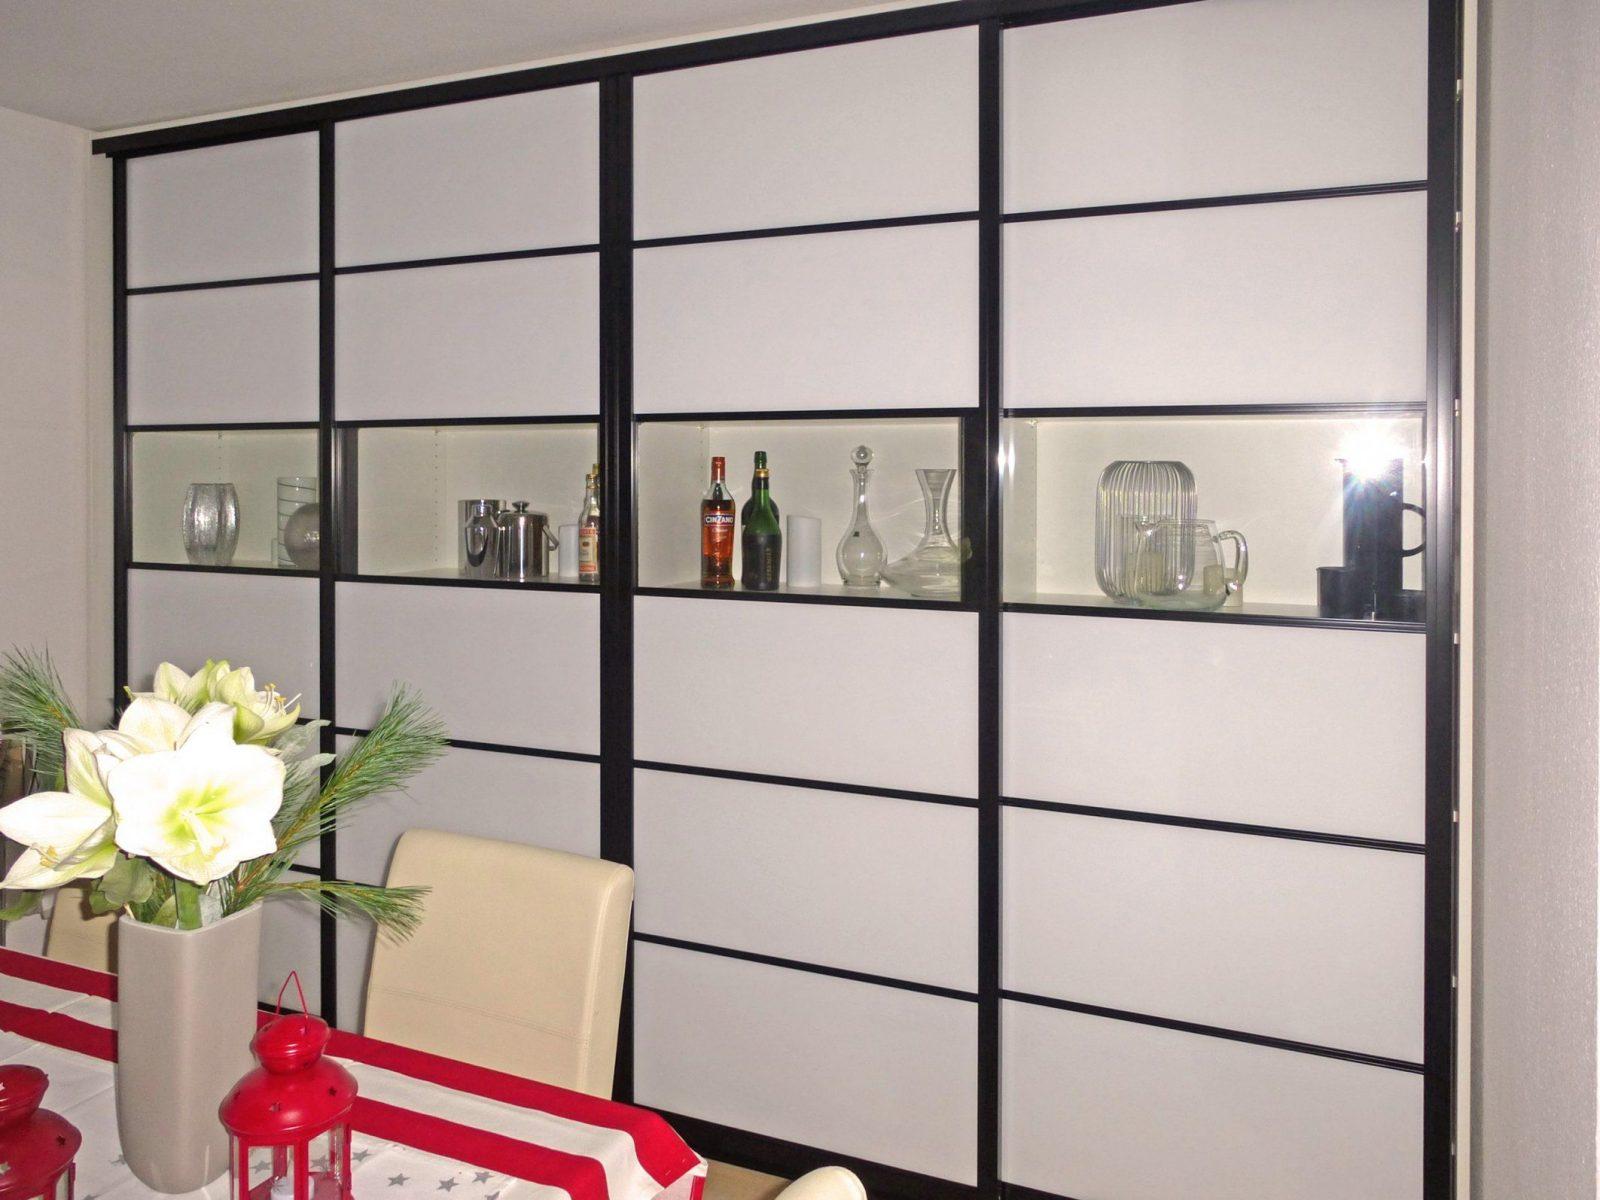 Schiebetür Schrank Bauen Ur08 – Hitoiro von Kleiderschrank Selber Bauen Schiebetüren Bild